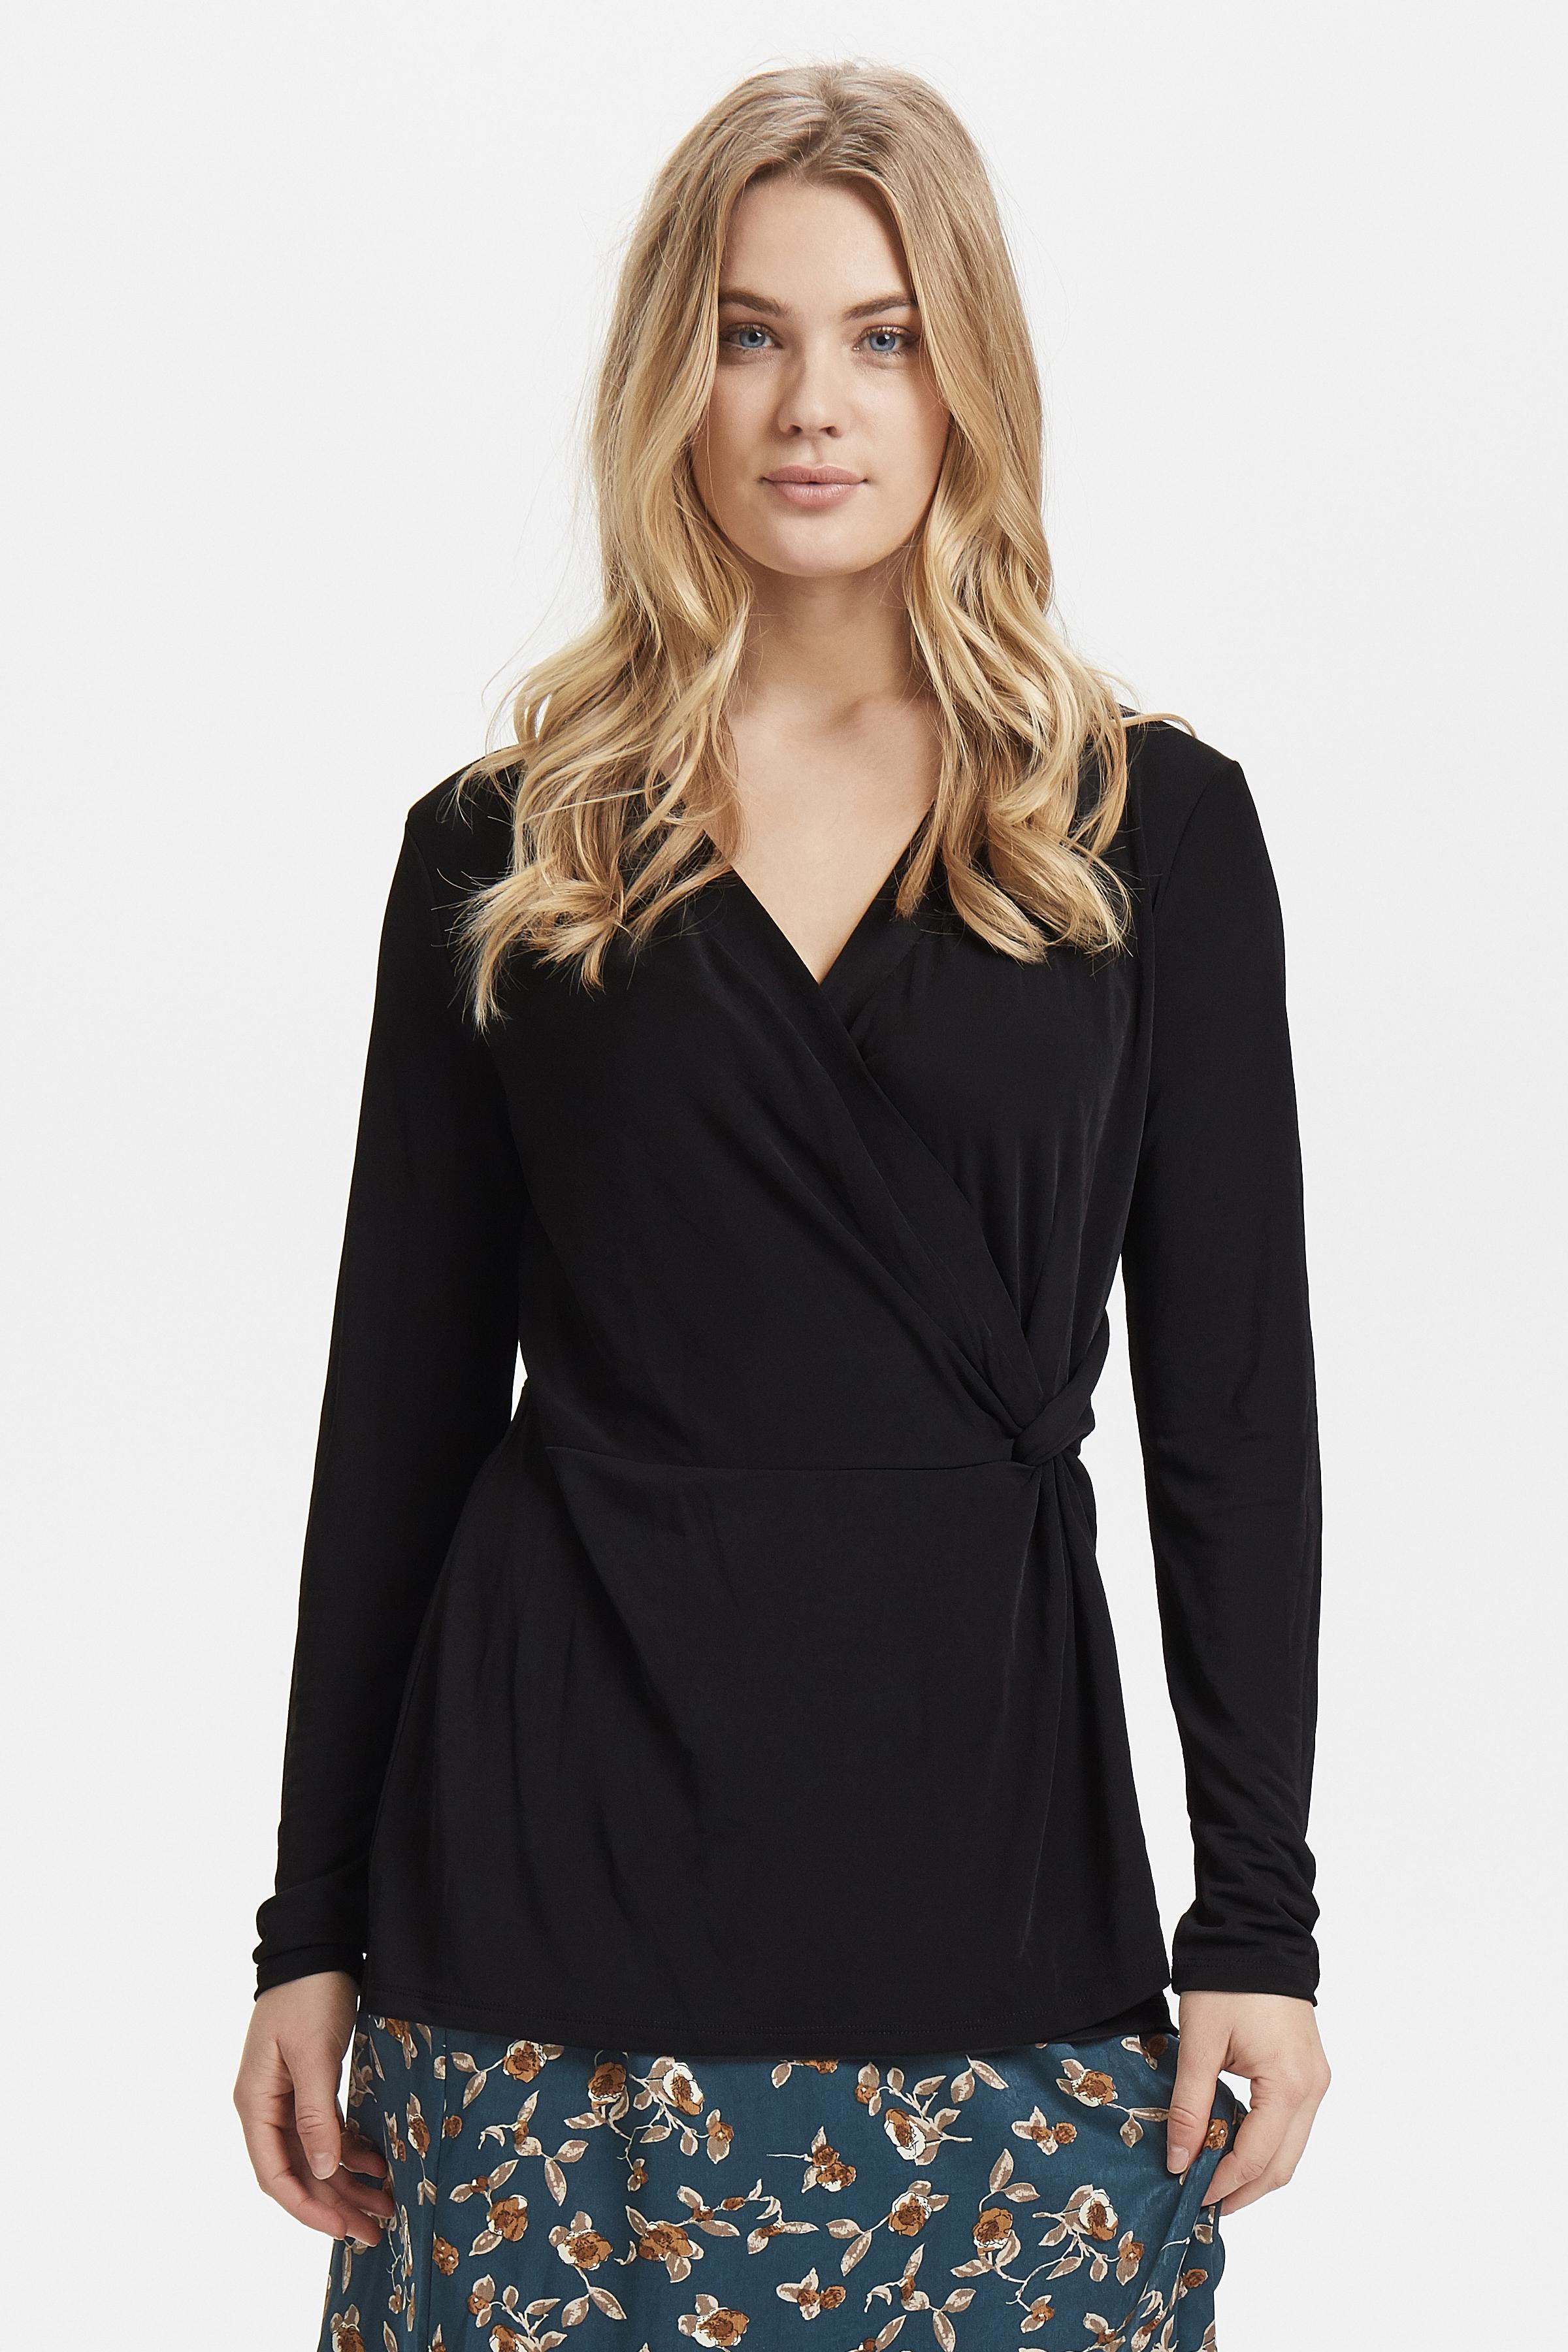 Black Langarm-Shirt von b.young – Kaufen Sie Black Langarm-Shirt aus Größe XS-XL hier